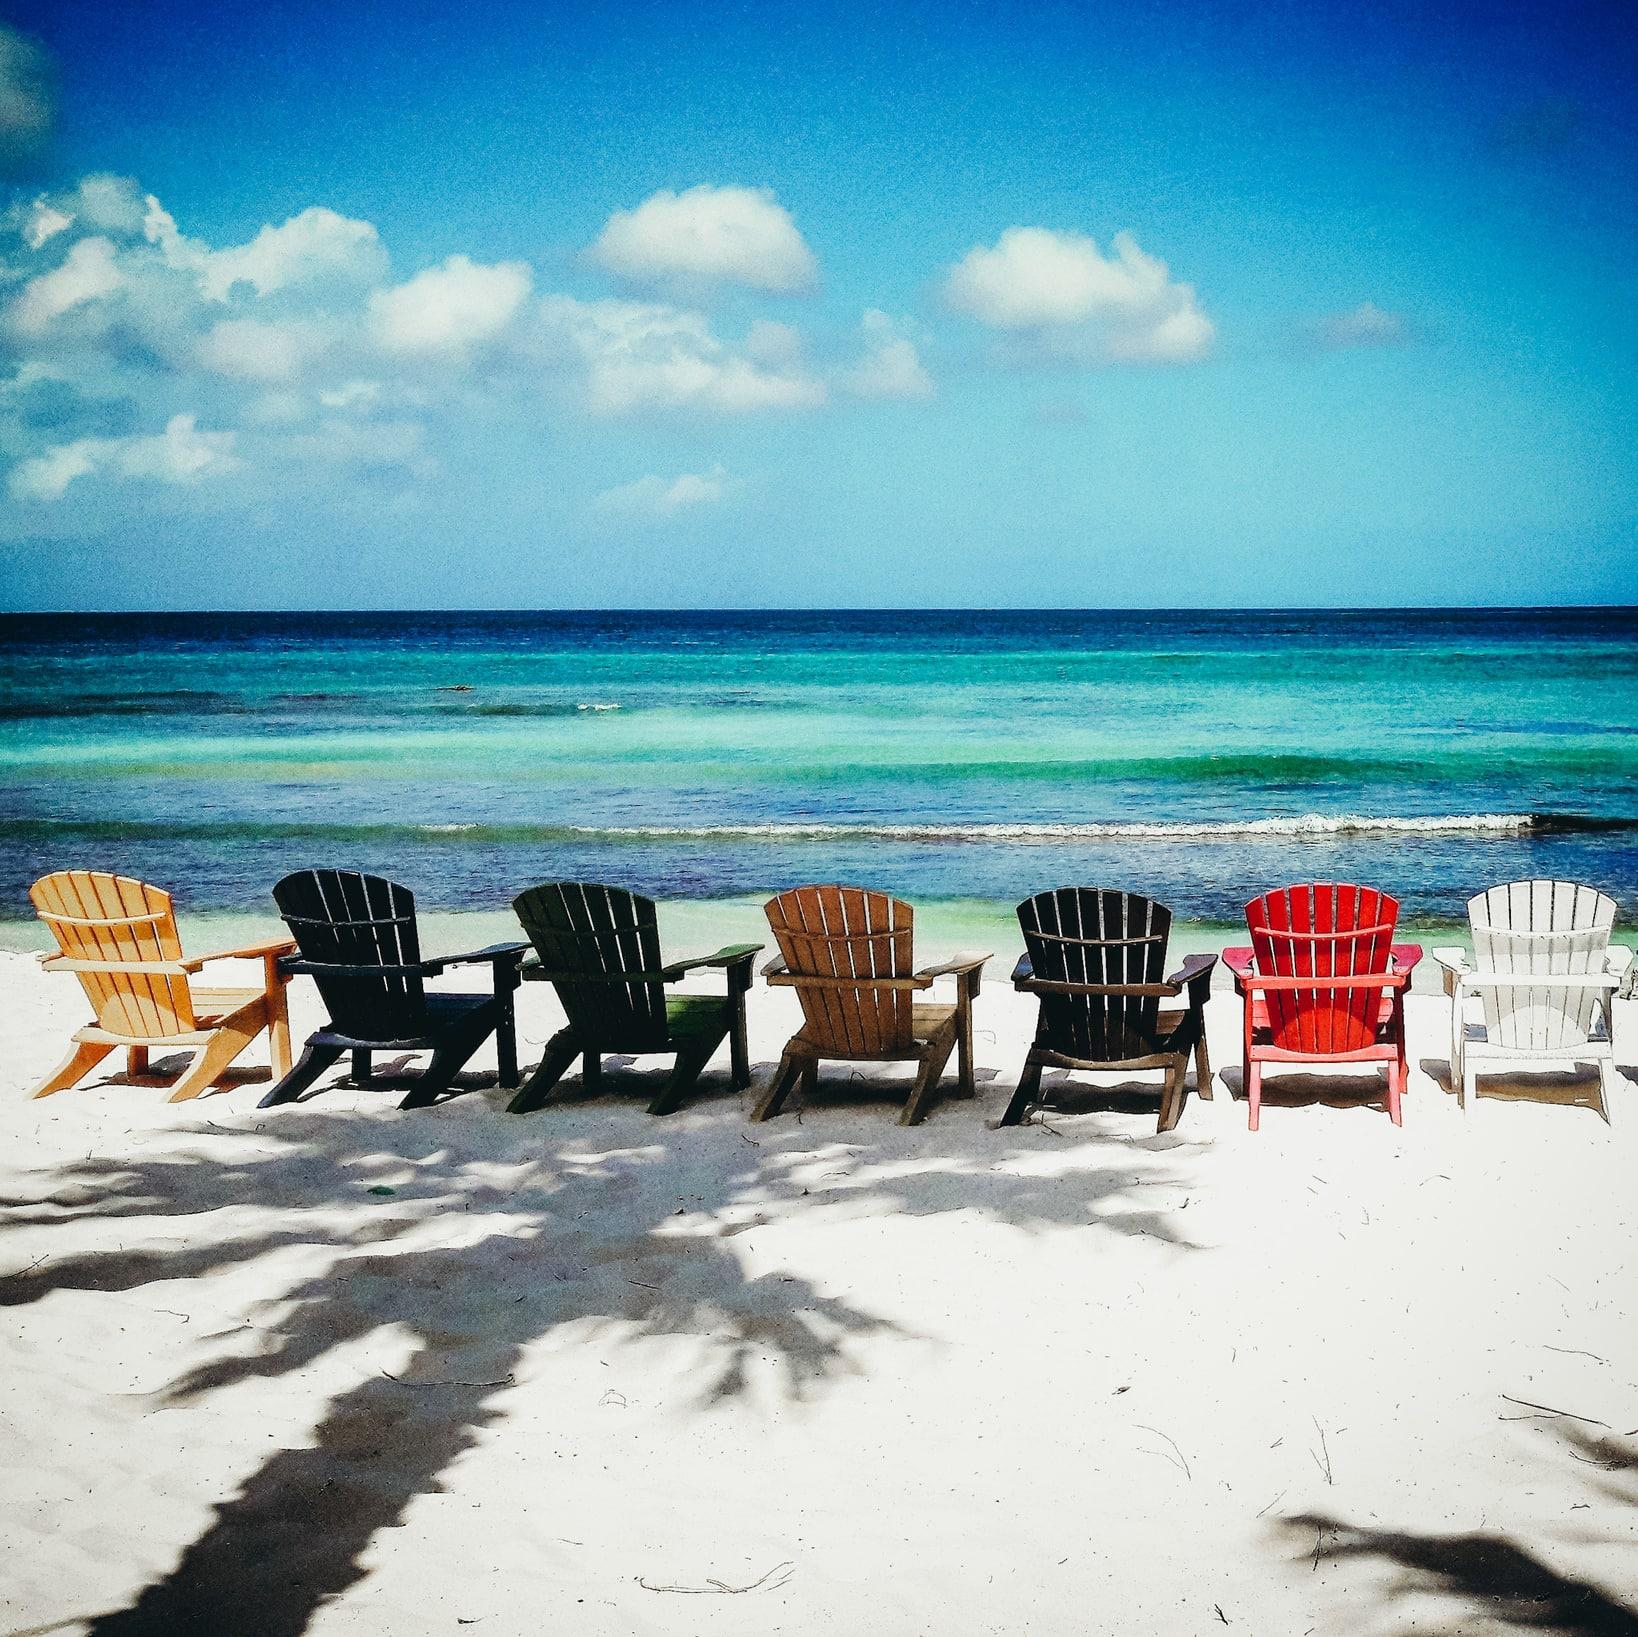 Live abroad in Aruba